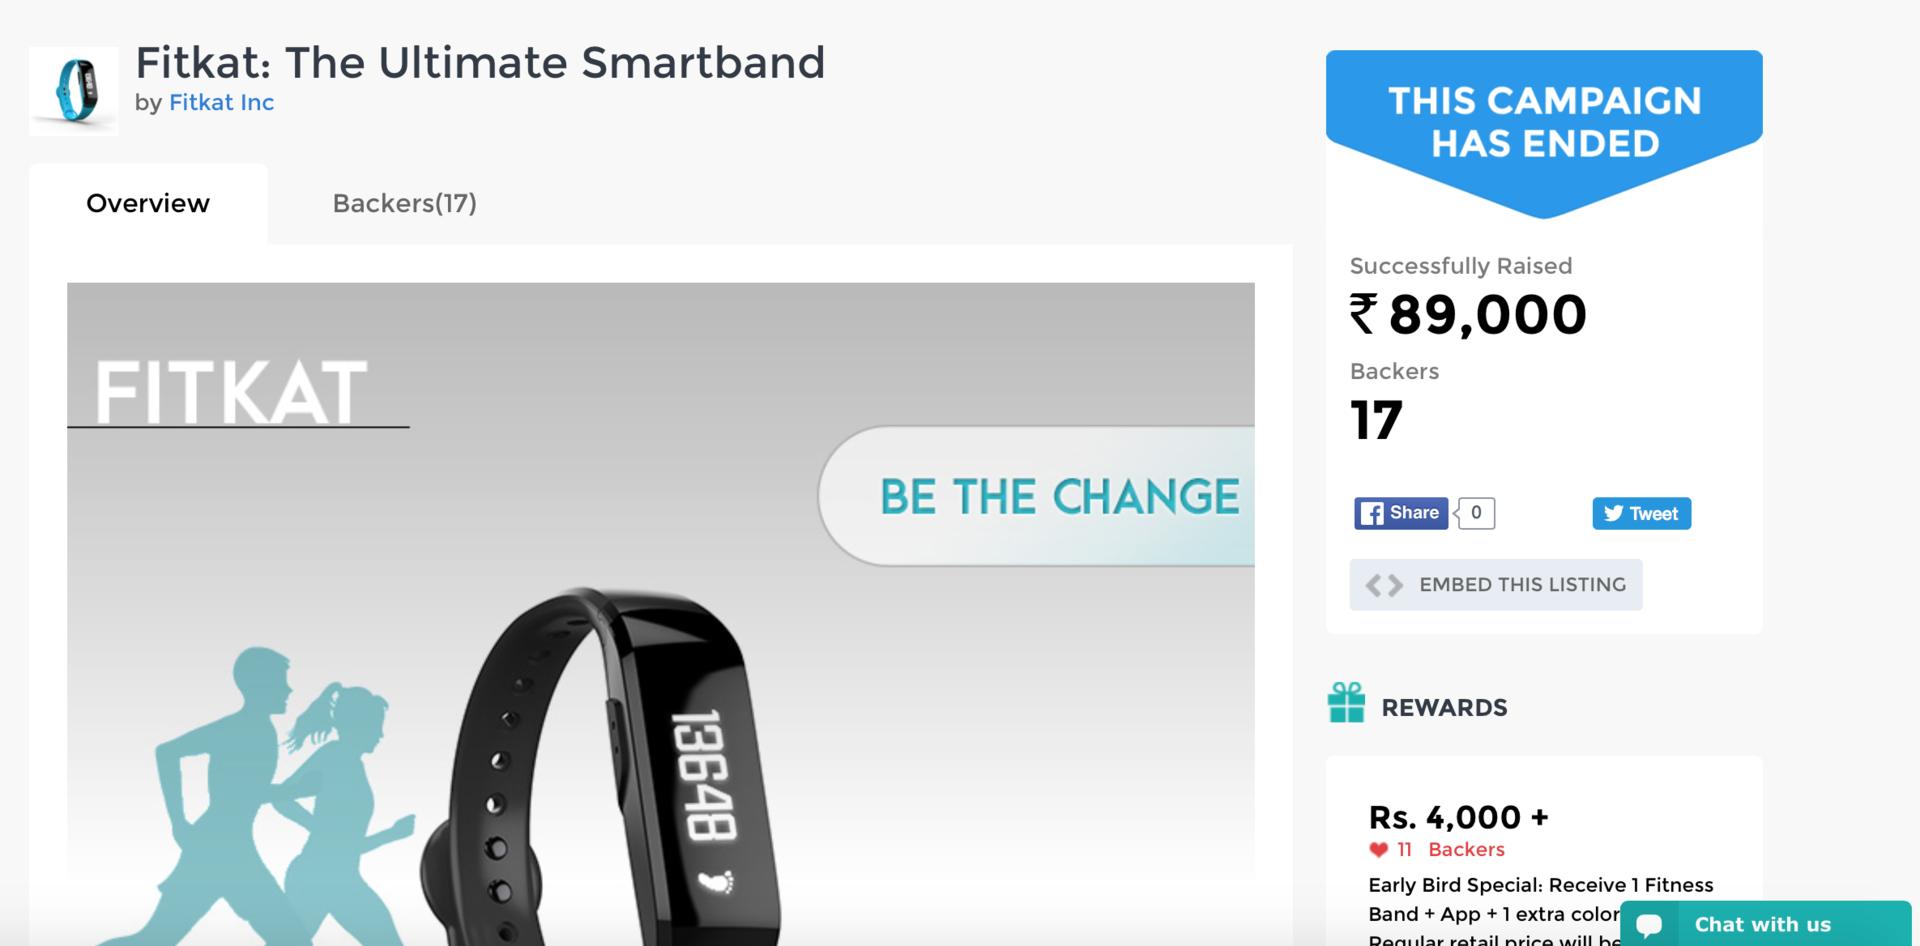 Индийский «Kickstarter»: на что скидываются в рупиях? - 1